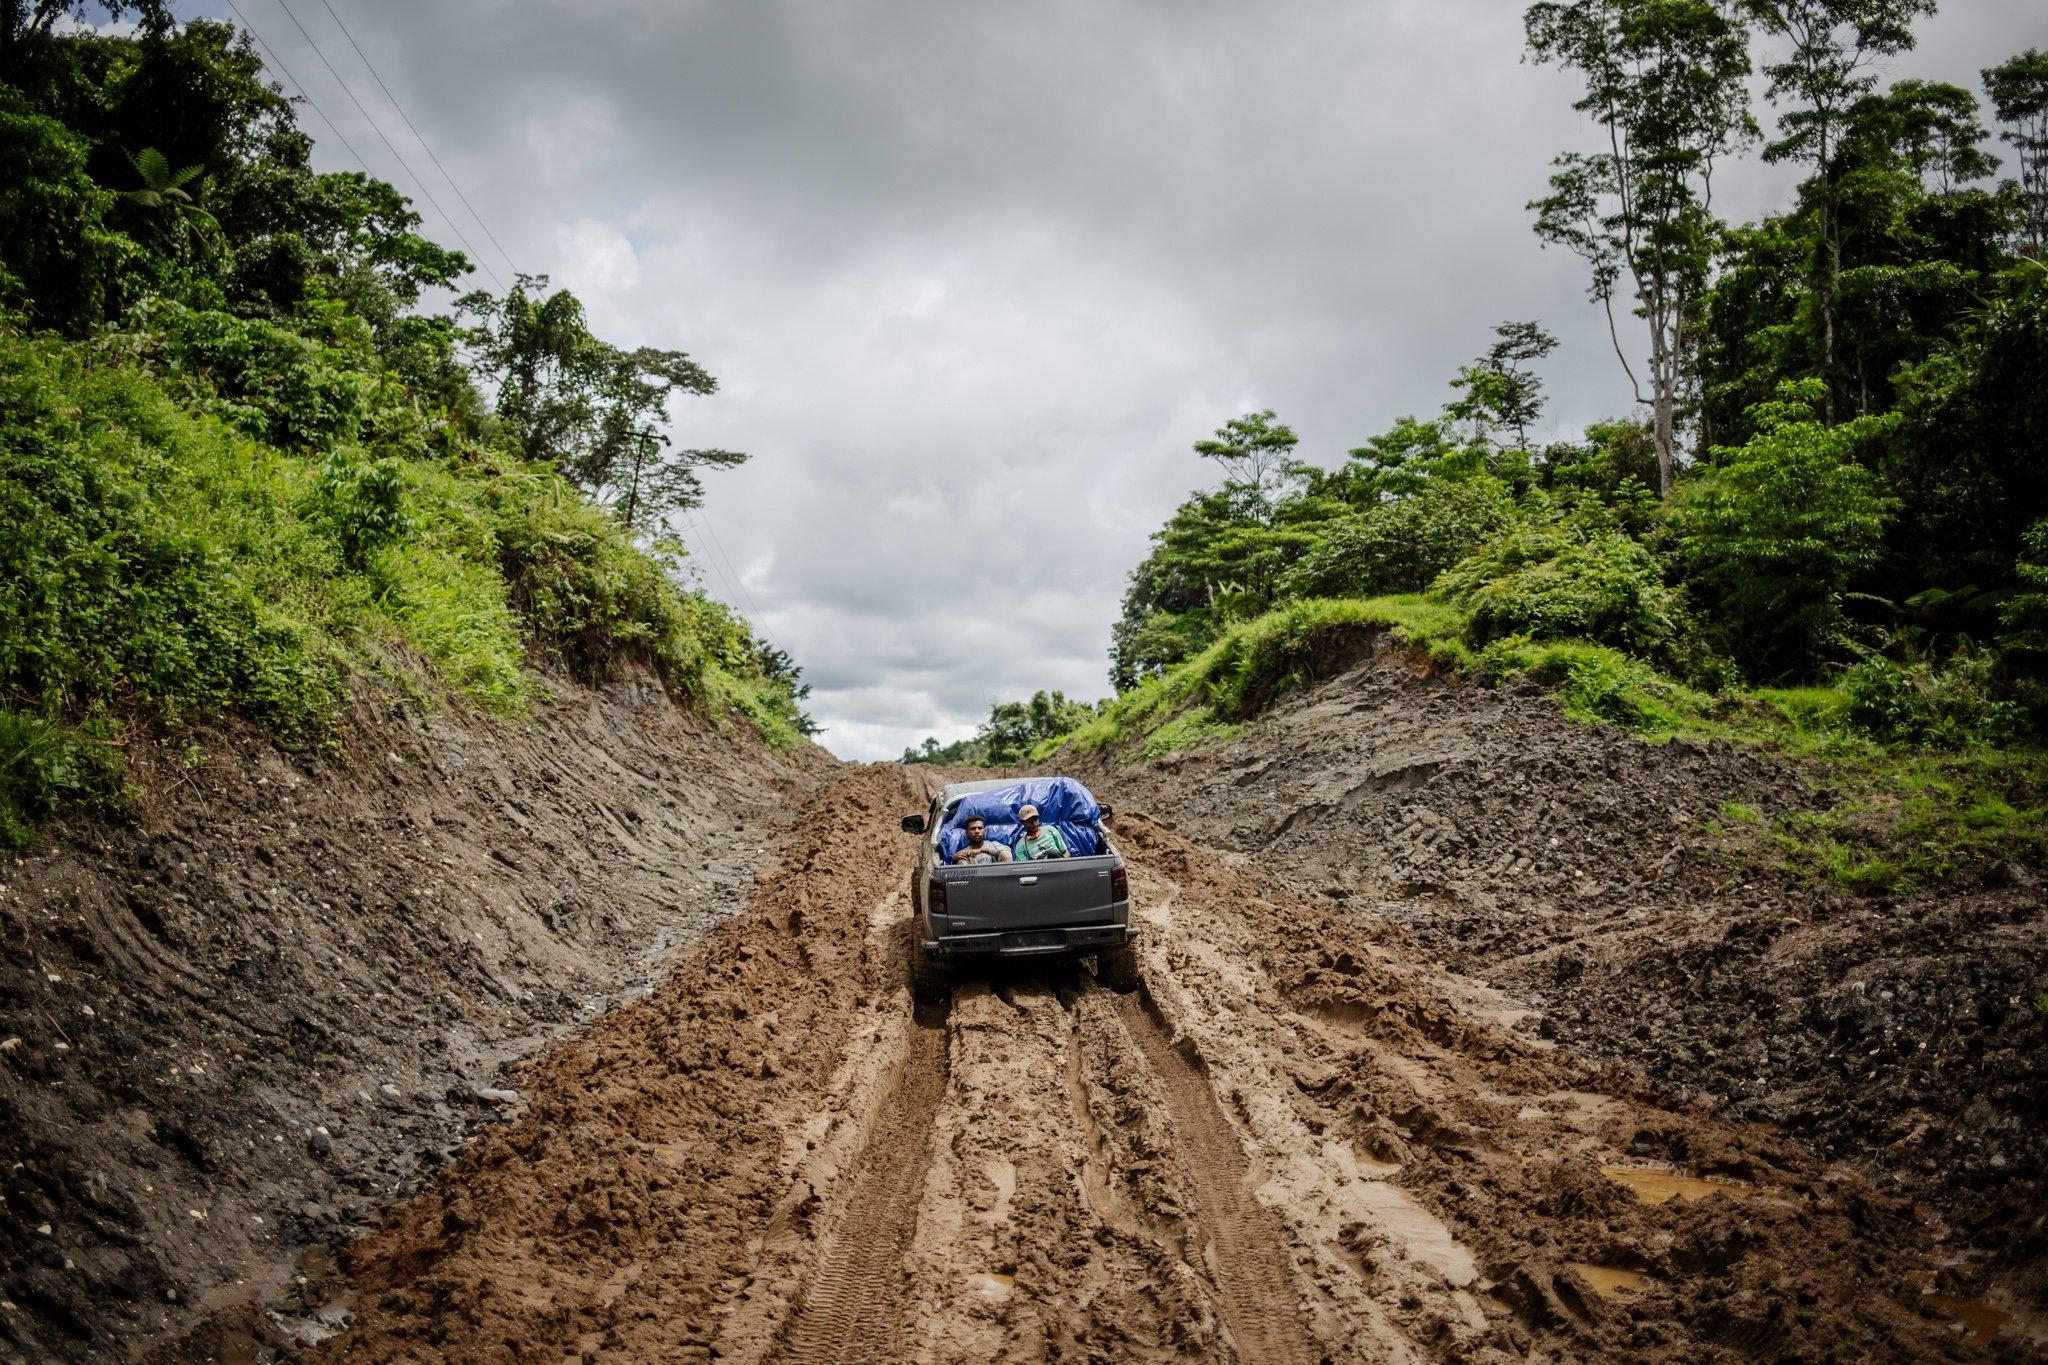 Sejumlah warga melintas jalan berlumpur di KM 17, satu-satunya jalan menuju Distrik Segun, Kabupaten Sorong, Papua Barat, Minggu, (19/9/2021). Banyaknya ativitas truk di wilayah perkebunan sawit membuat jalan-jalan di wilayah tersebut rusak dan berlumpur, sering kali warga bermalam di jalan ini untuk menunggu jalan kembali kering dan bisa dilintasi kendaraan bermotor.